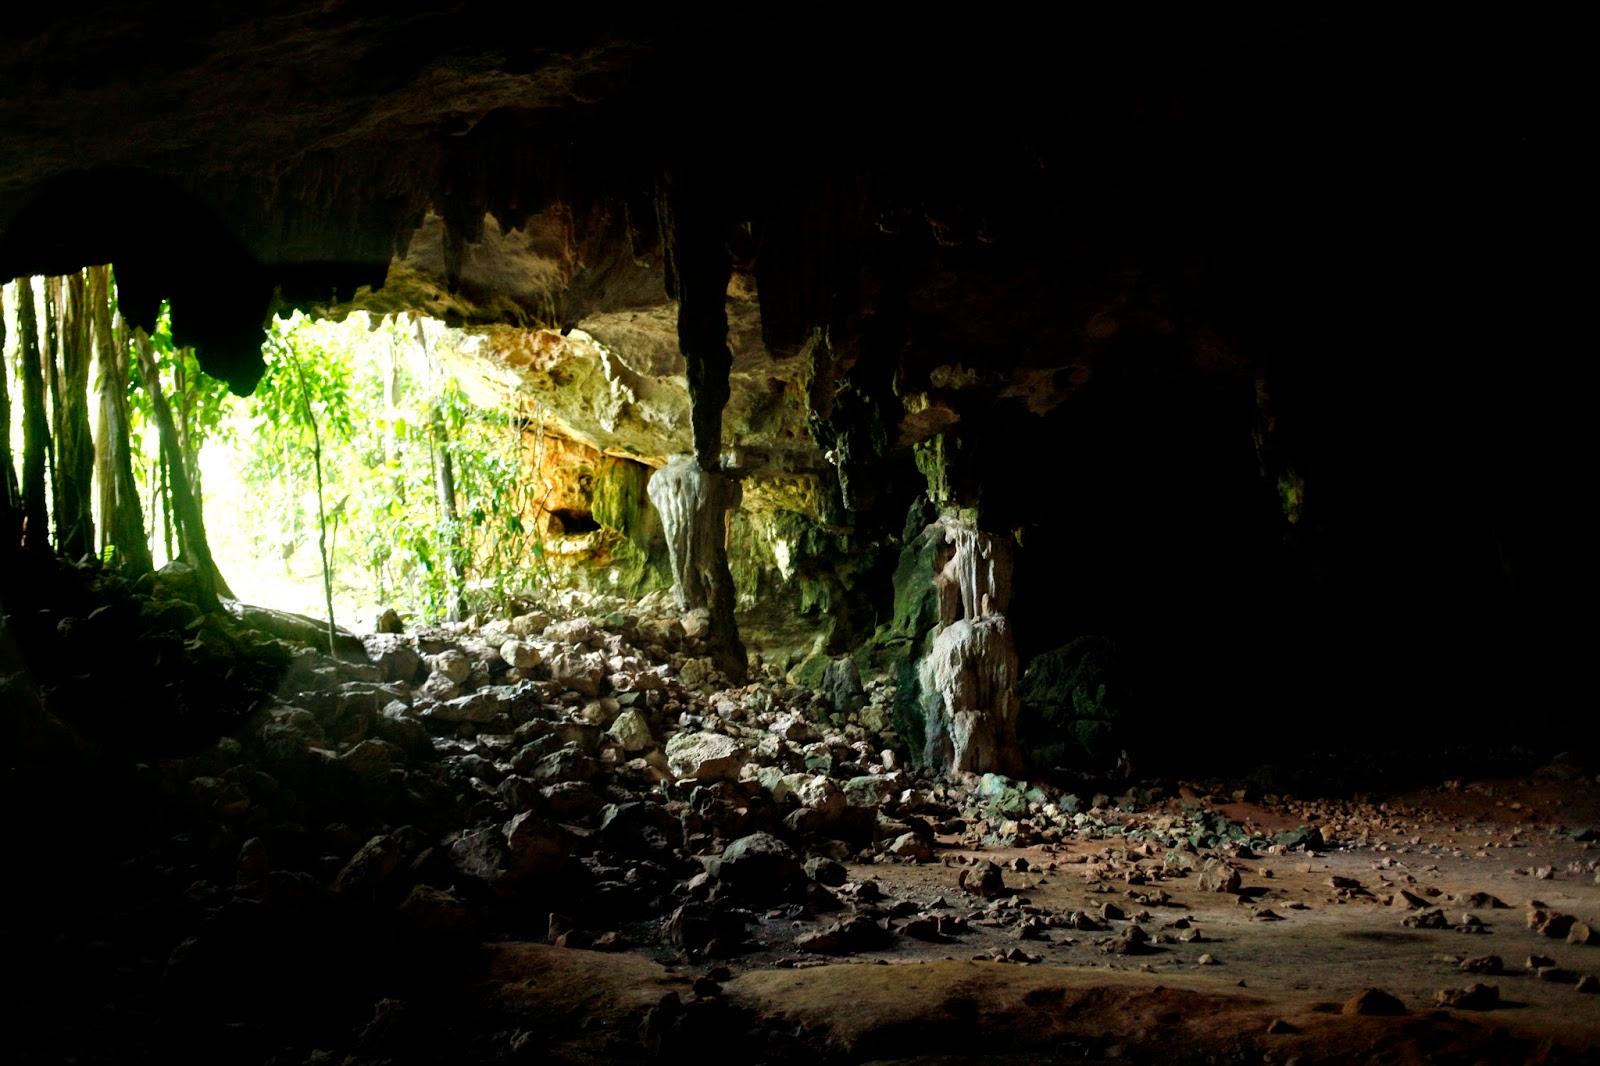 El libro afirmaba que cerca de Oxkintok existía una cueva donde los primeros mayas hacían las ceremonias para iniciar a sus h-mem,  sus sanadores o chamanes.  La cueva se llama Aktun Usil. Aktun viene de las palabras Ak, caparazón de tortuga y tun, piedra, así que significa el caparazon de piedra.